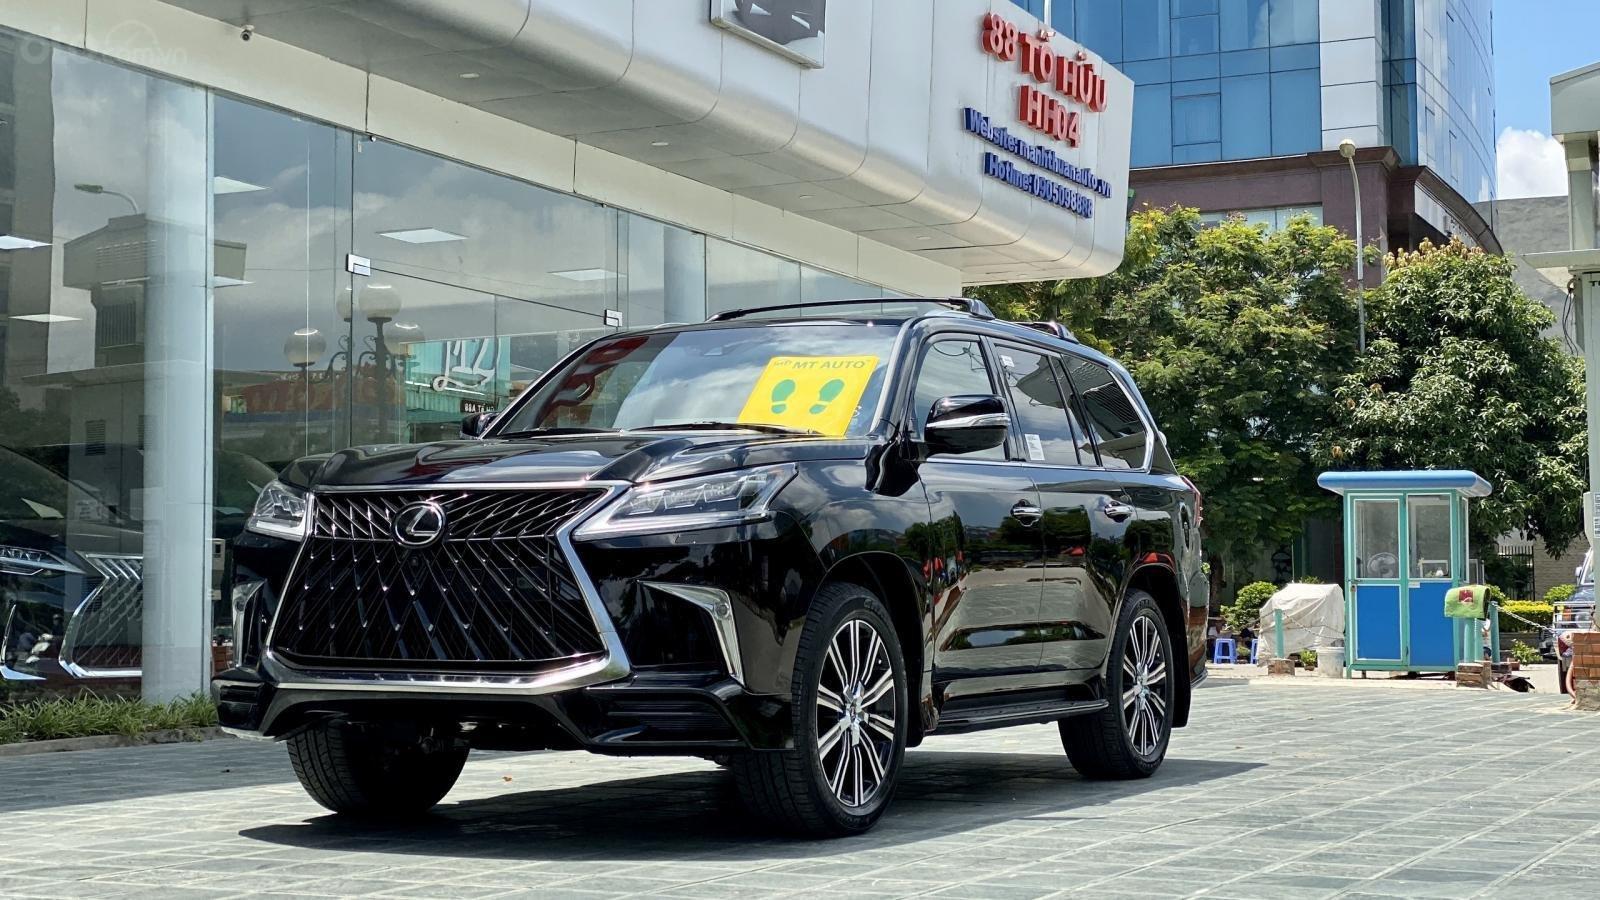 Bán Lexus LX 570s Supper Sport SX 2020, màu đen nội thất kem, xe nhập Mỹ mới 100% (3)